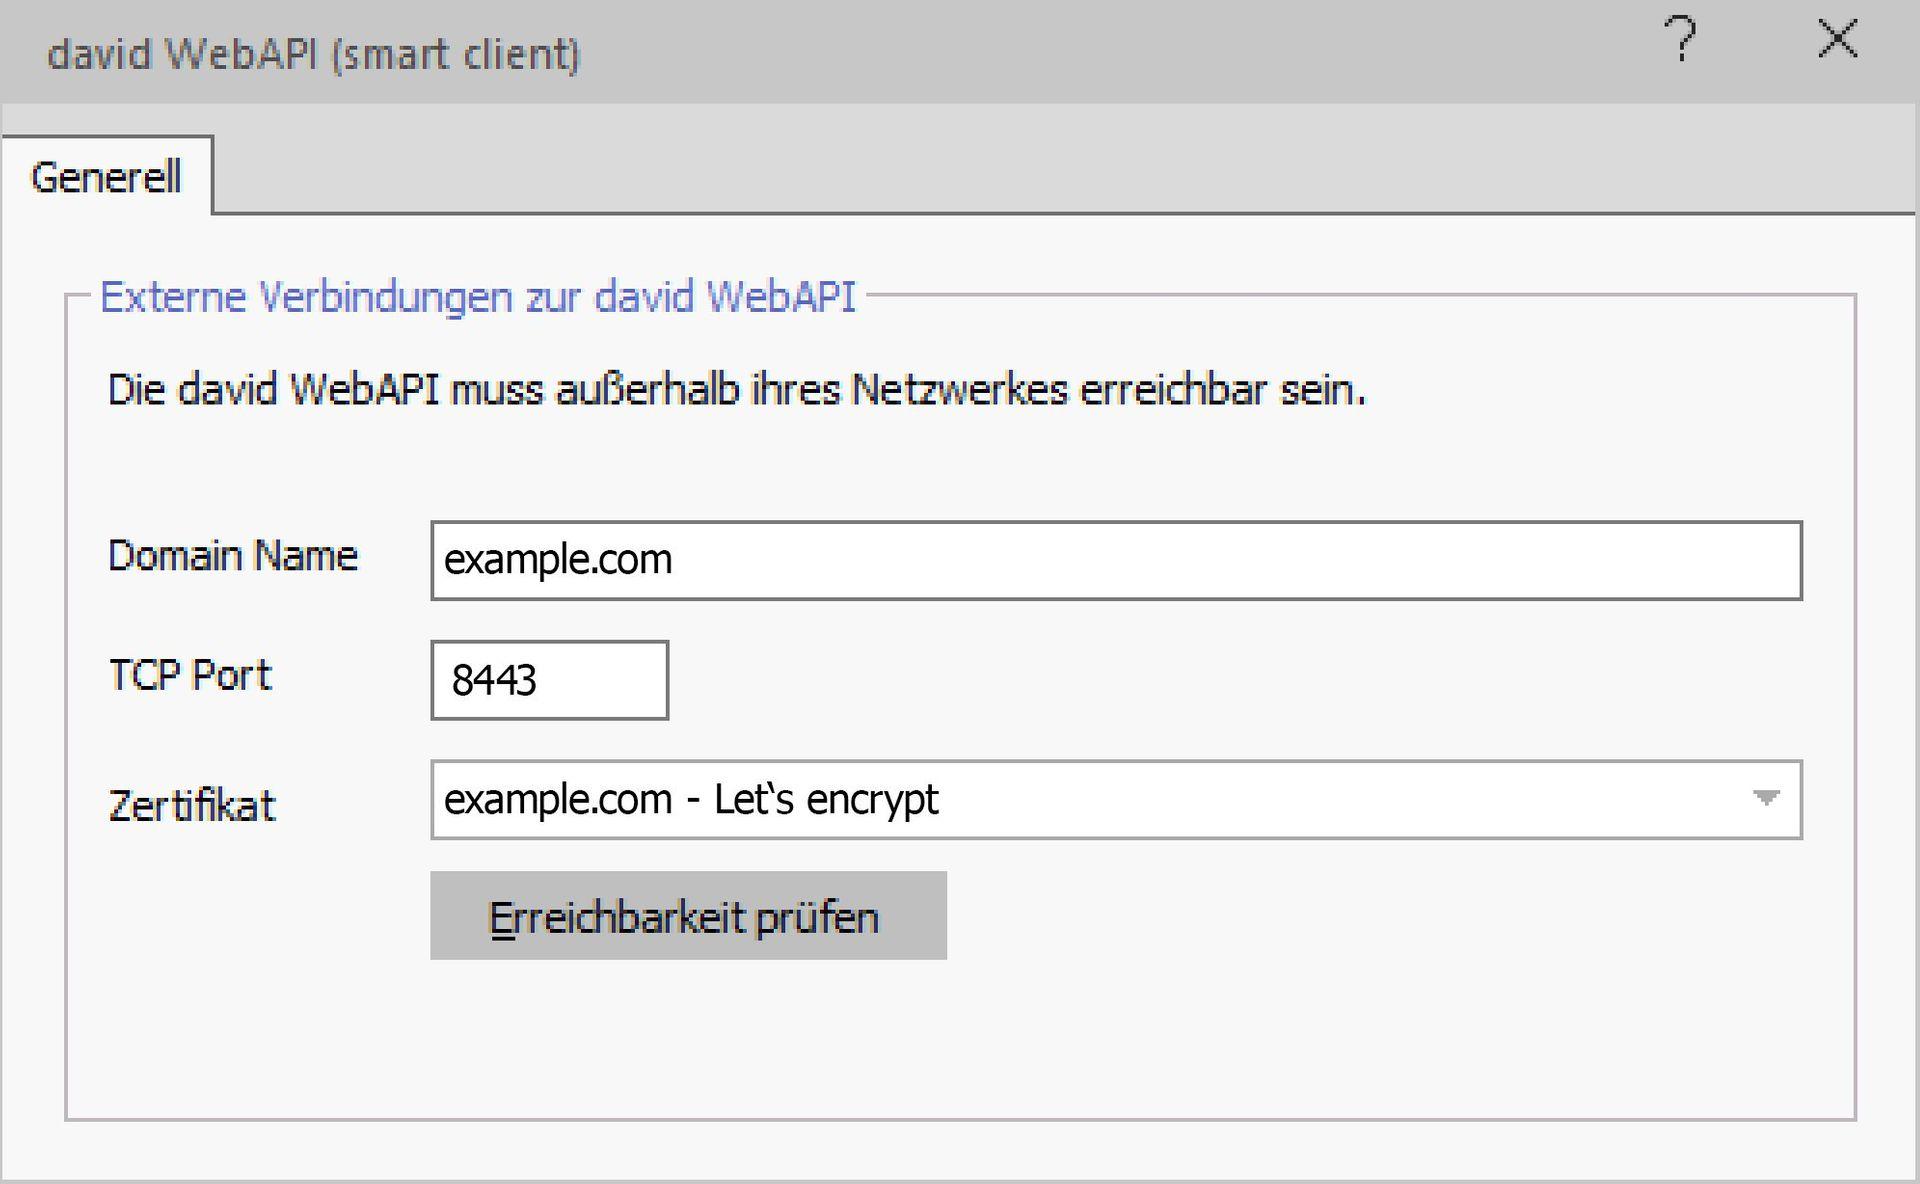 Der david3 smart client - smart client Details